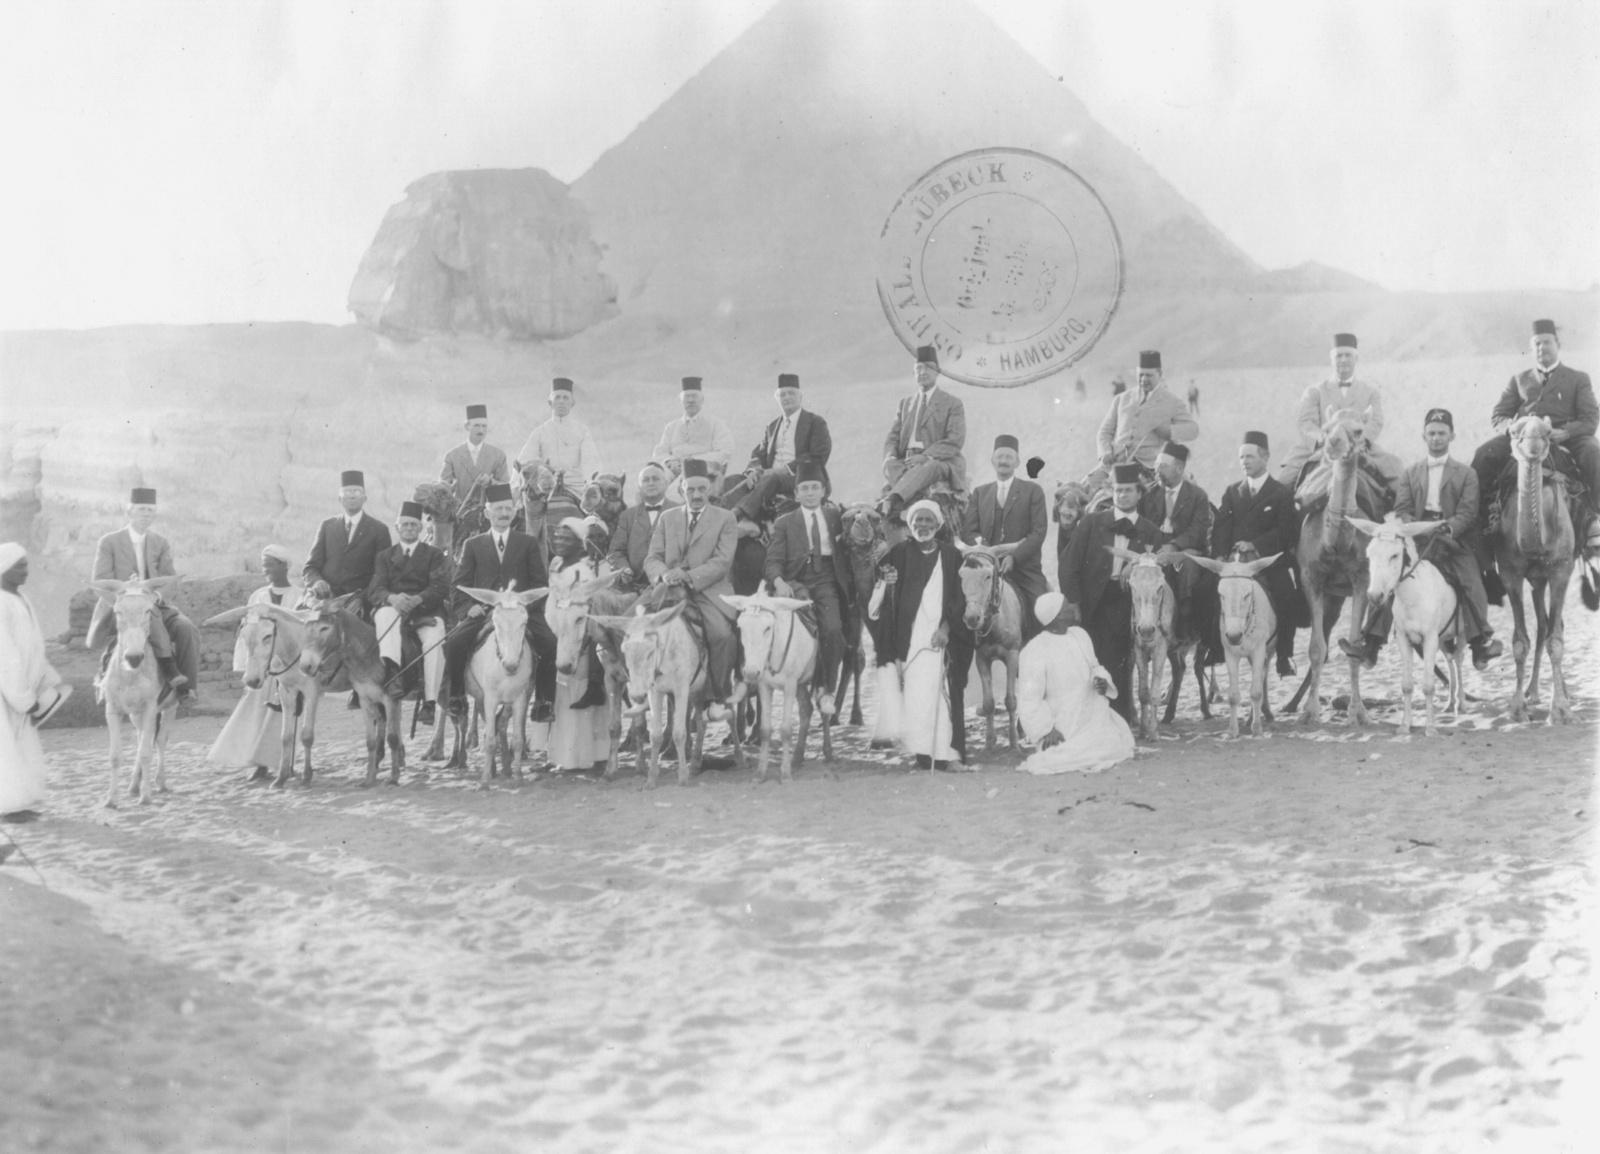 Гиза. Туристическая группа на верблюдах и ослах, позирует со своими проводниками перед Сфинксом